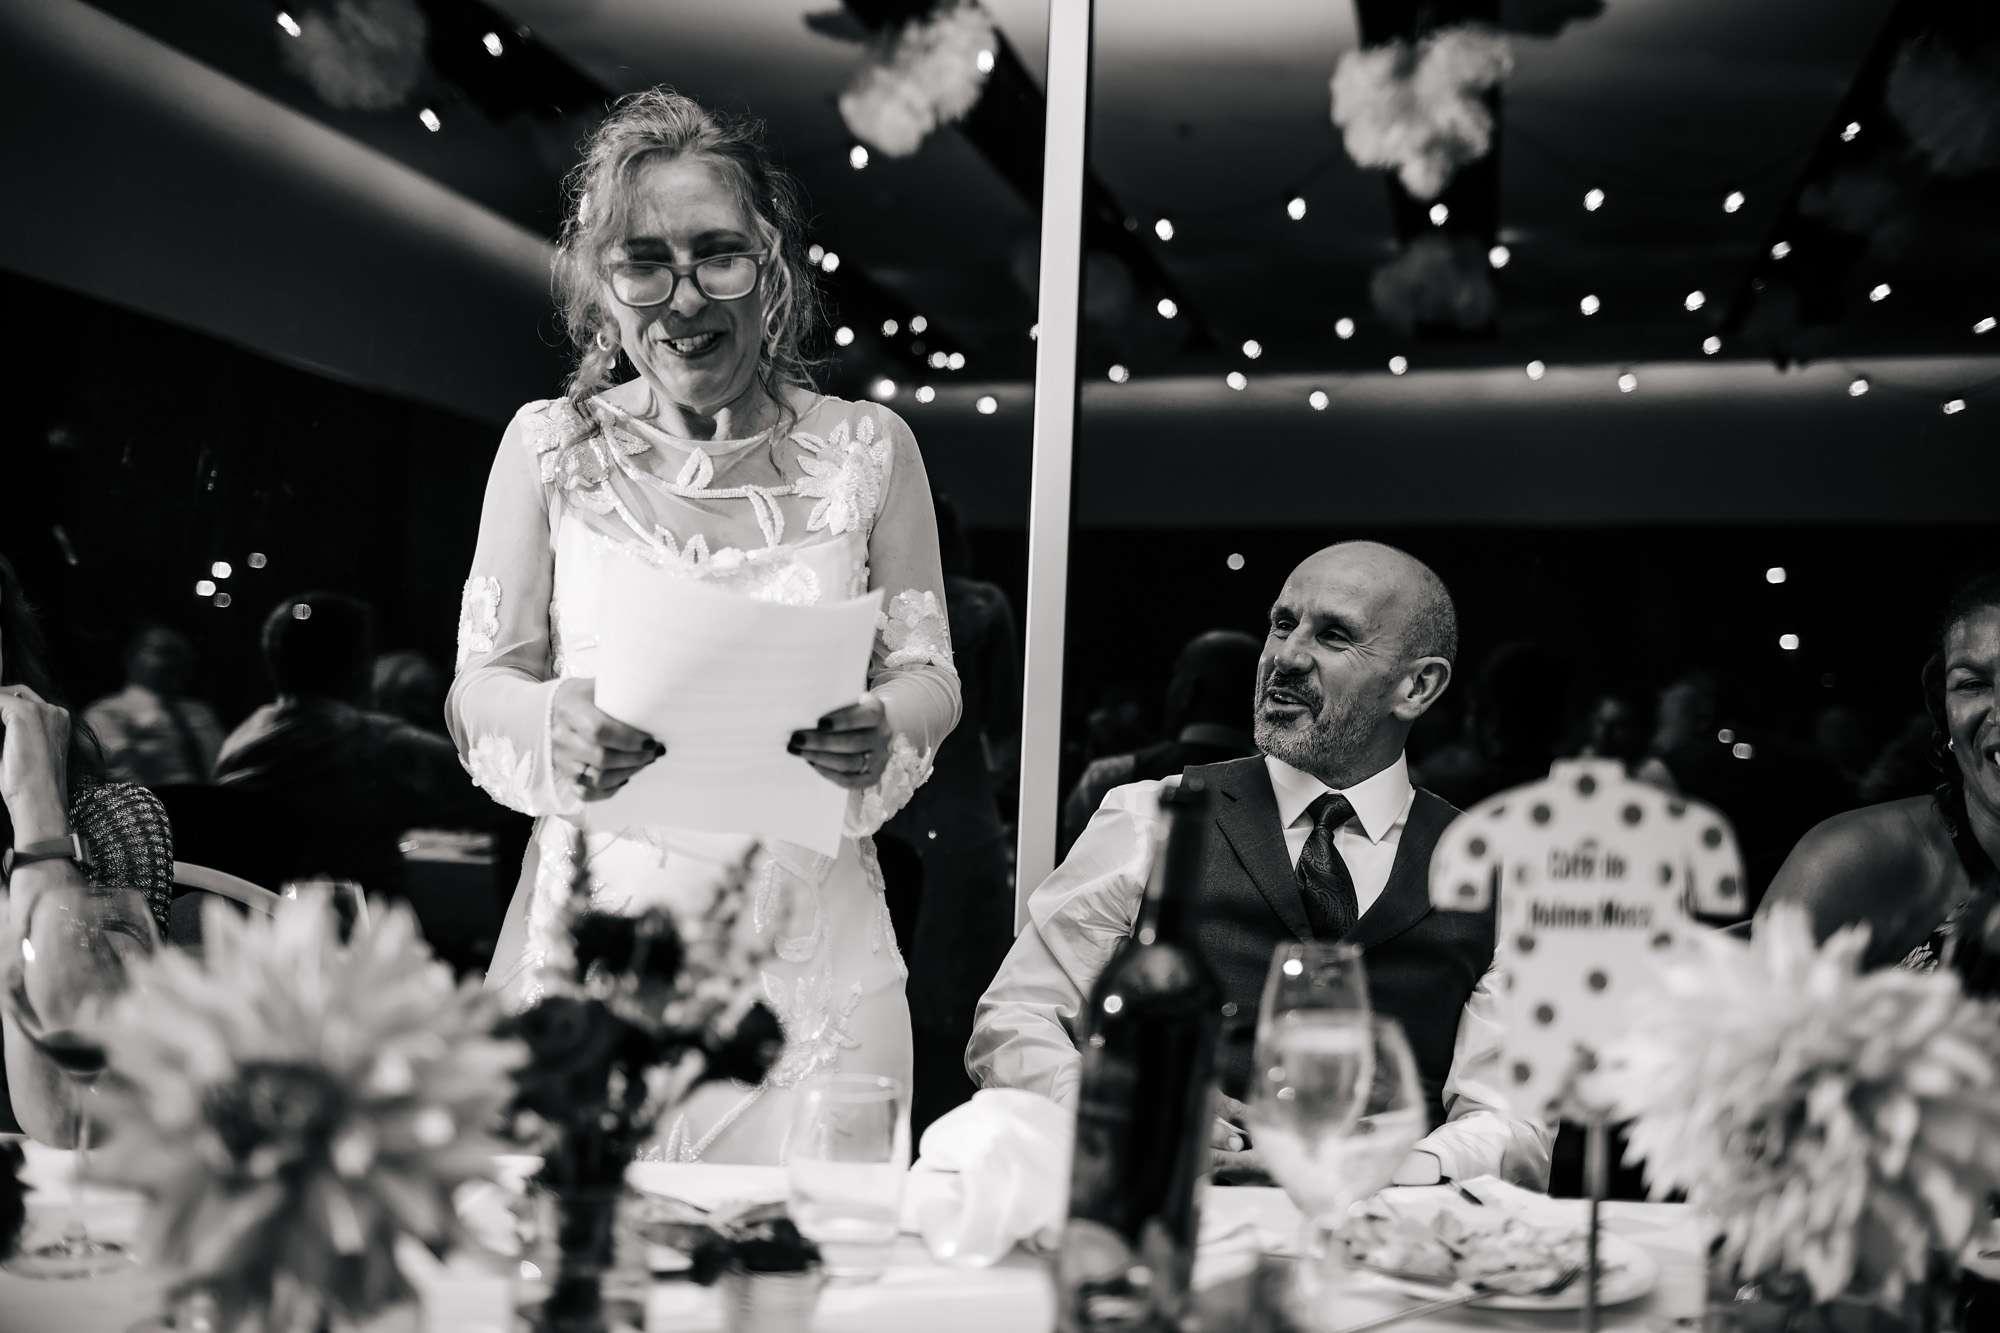 Bride's speech at her wedding